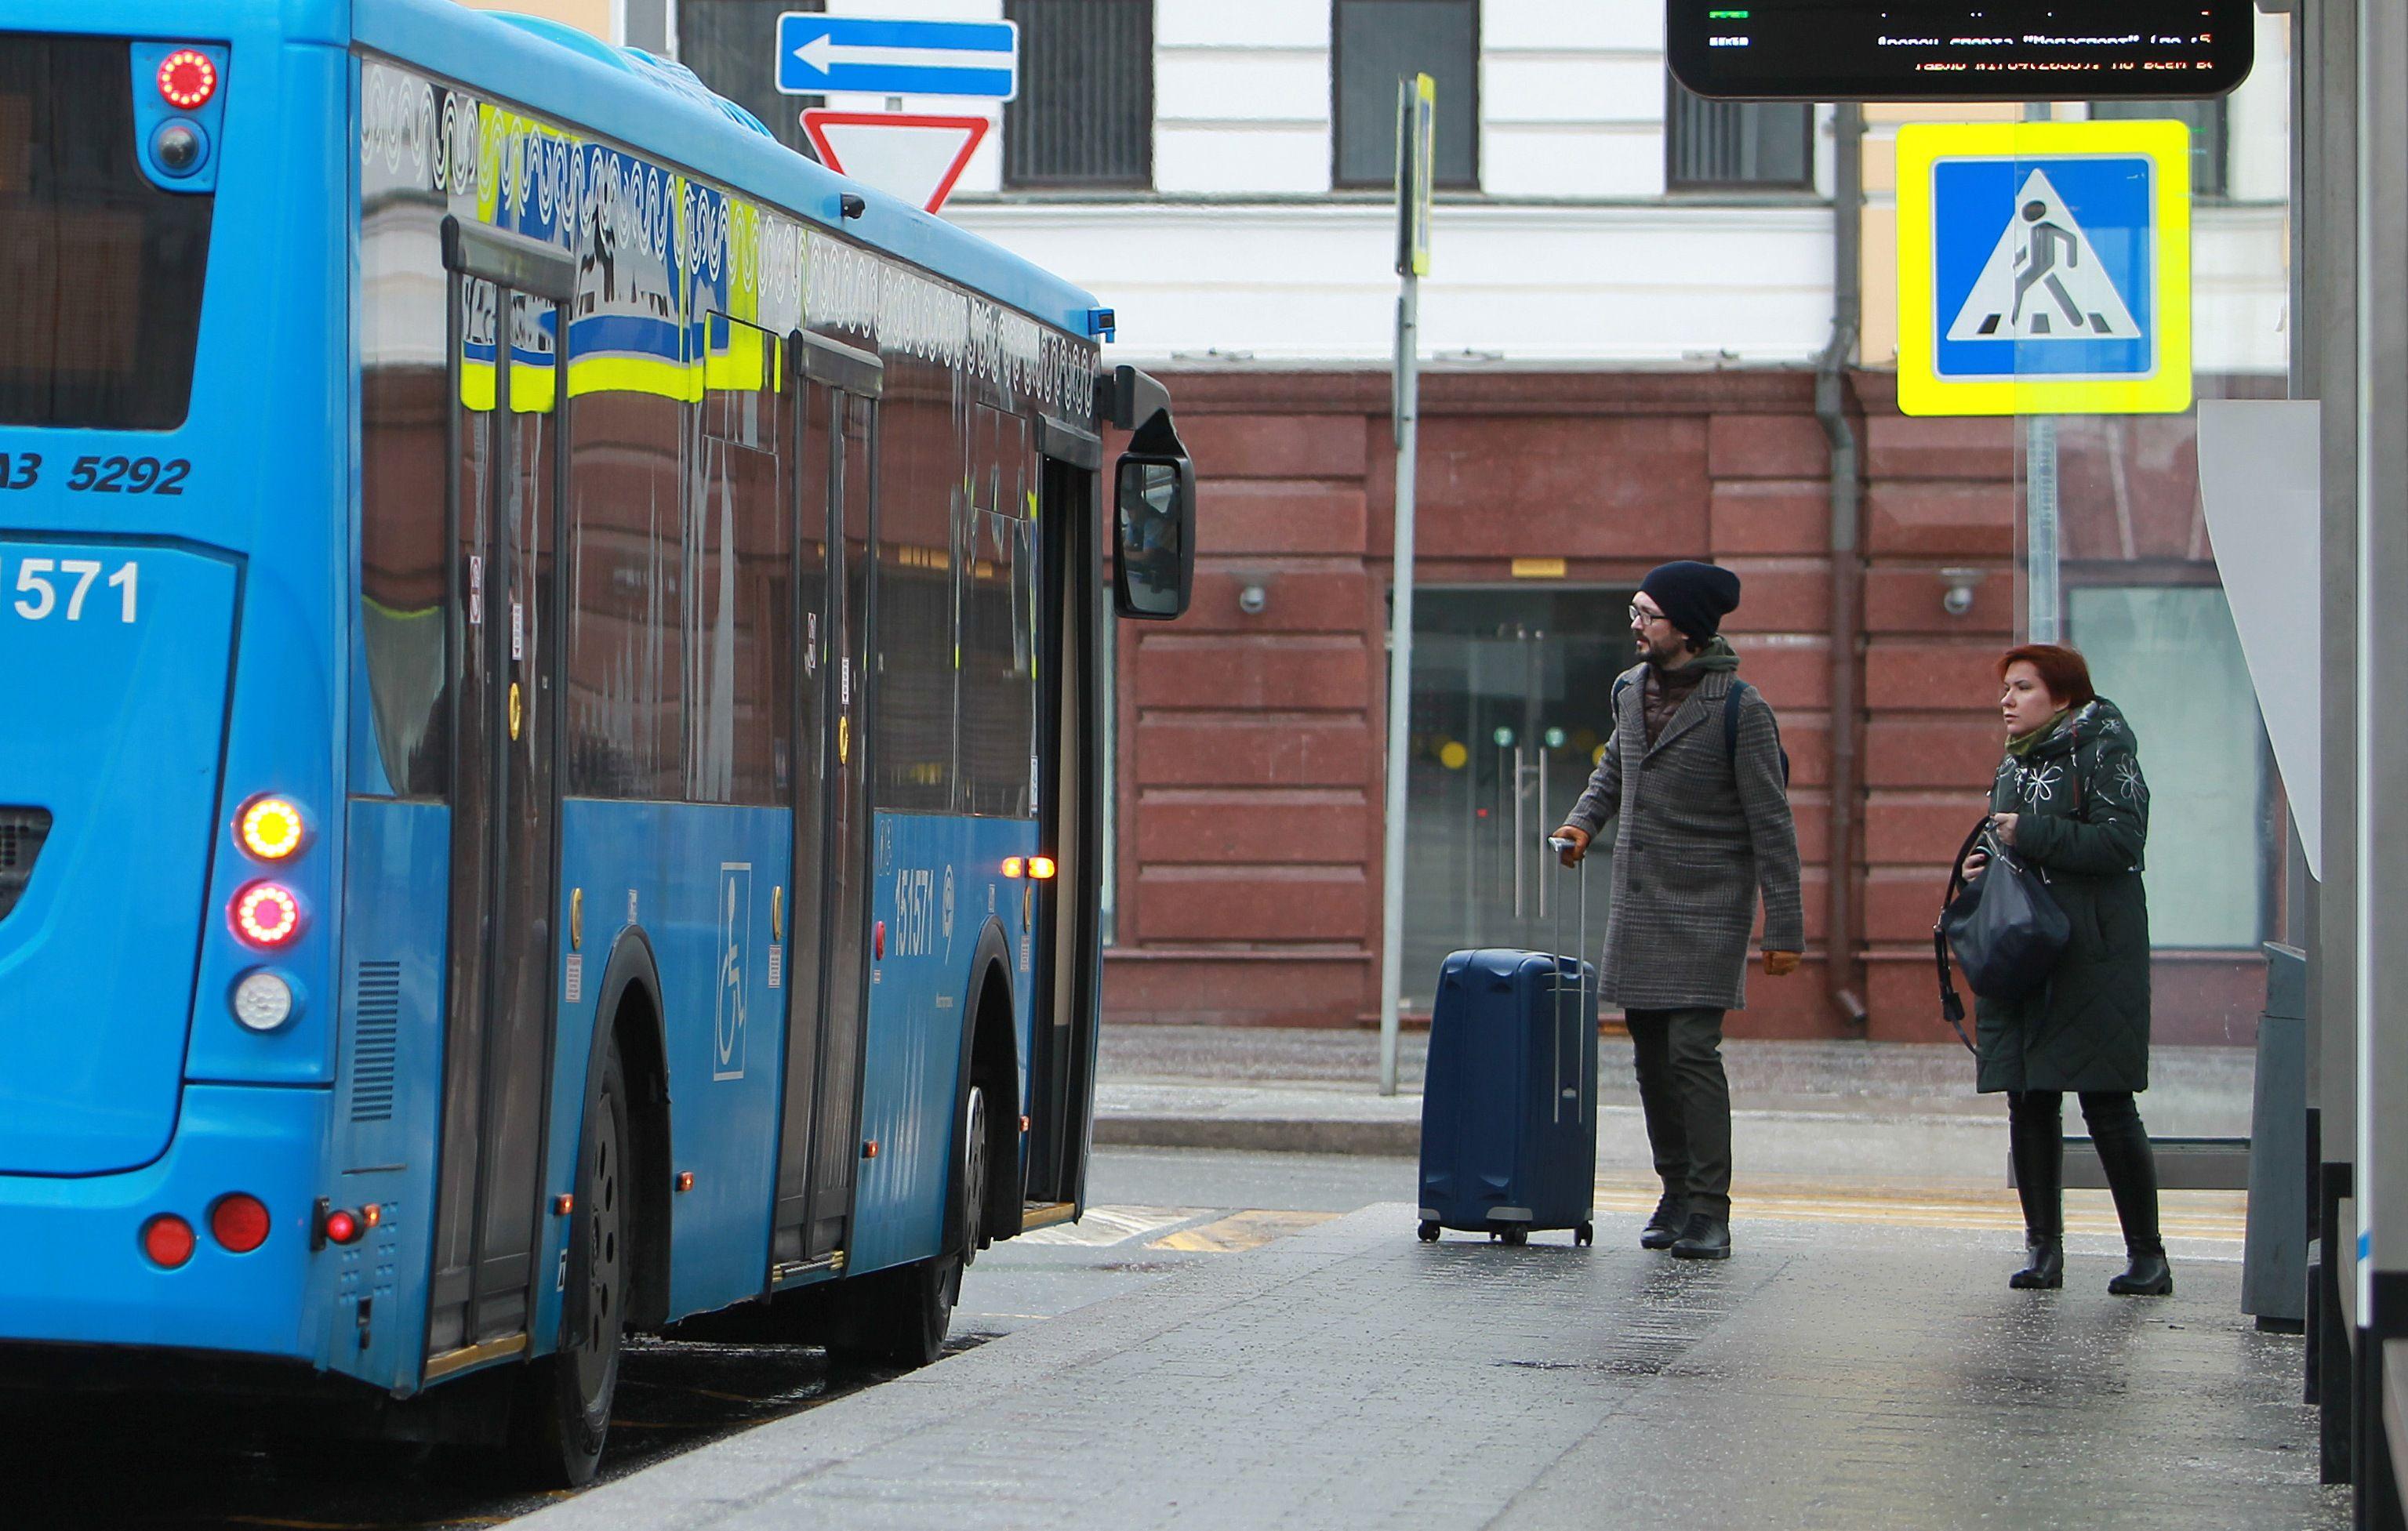 Новый автобус проедет через деревни Фоминское и Жуковка. Фото: Наталия Нечаева